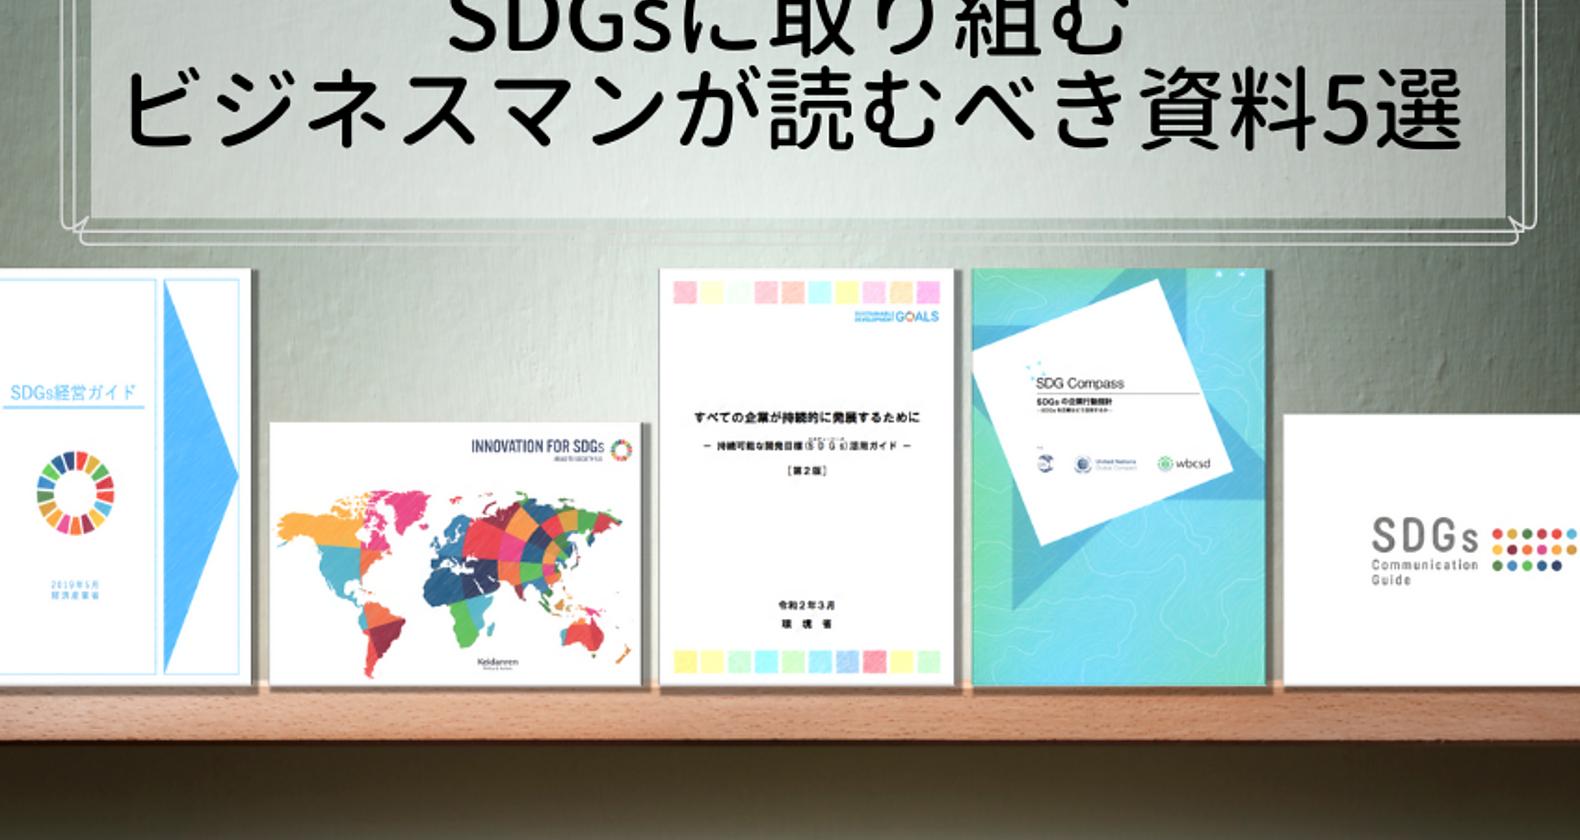 SDGs担当のビジネスパーソンが最低限読むべき5つの資料の画像